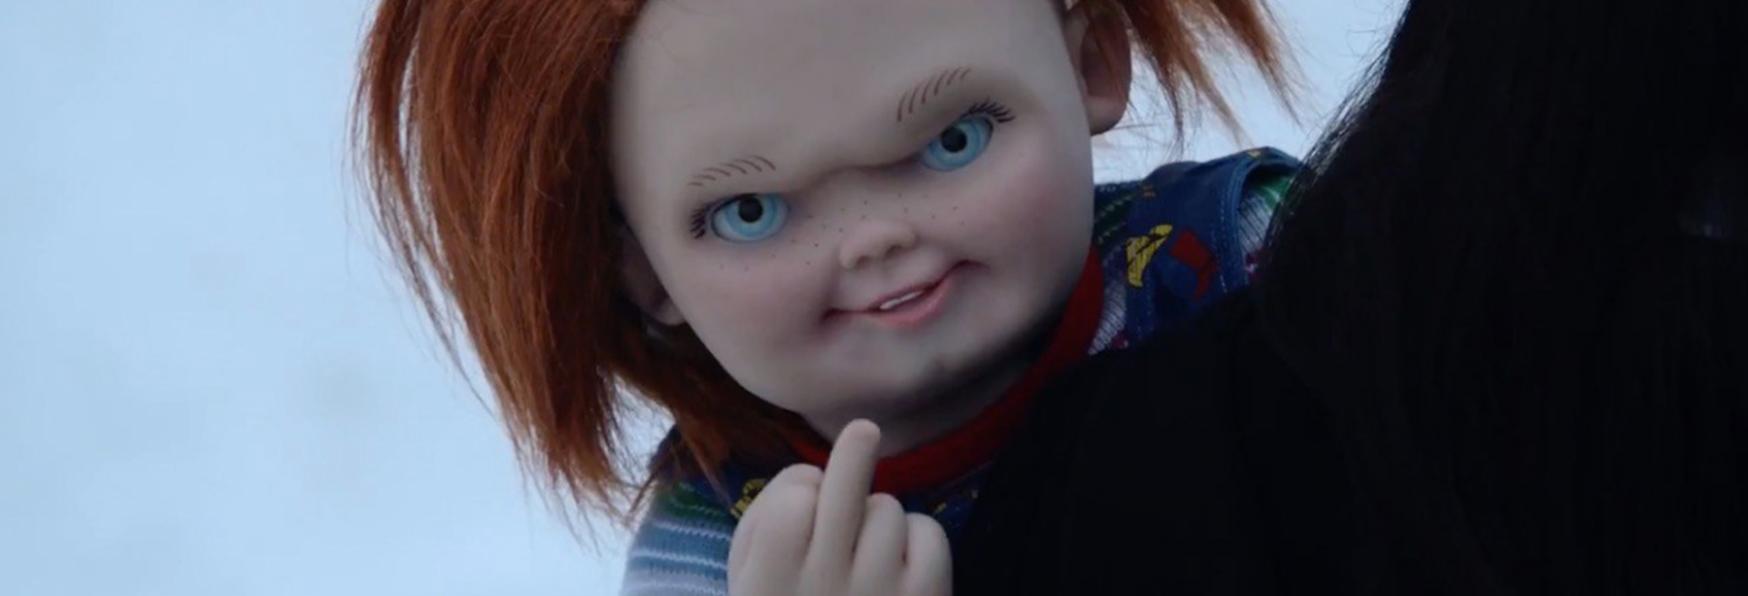 Una nuova Serie TV su Chucky, la Bambola Assassina in Arrivo su Syfy